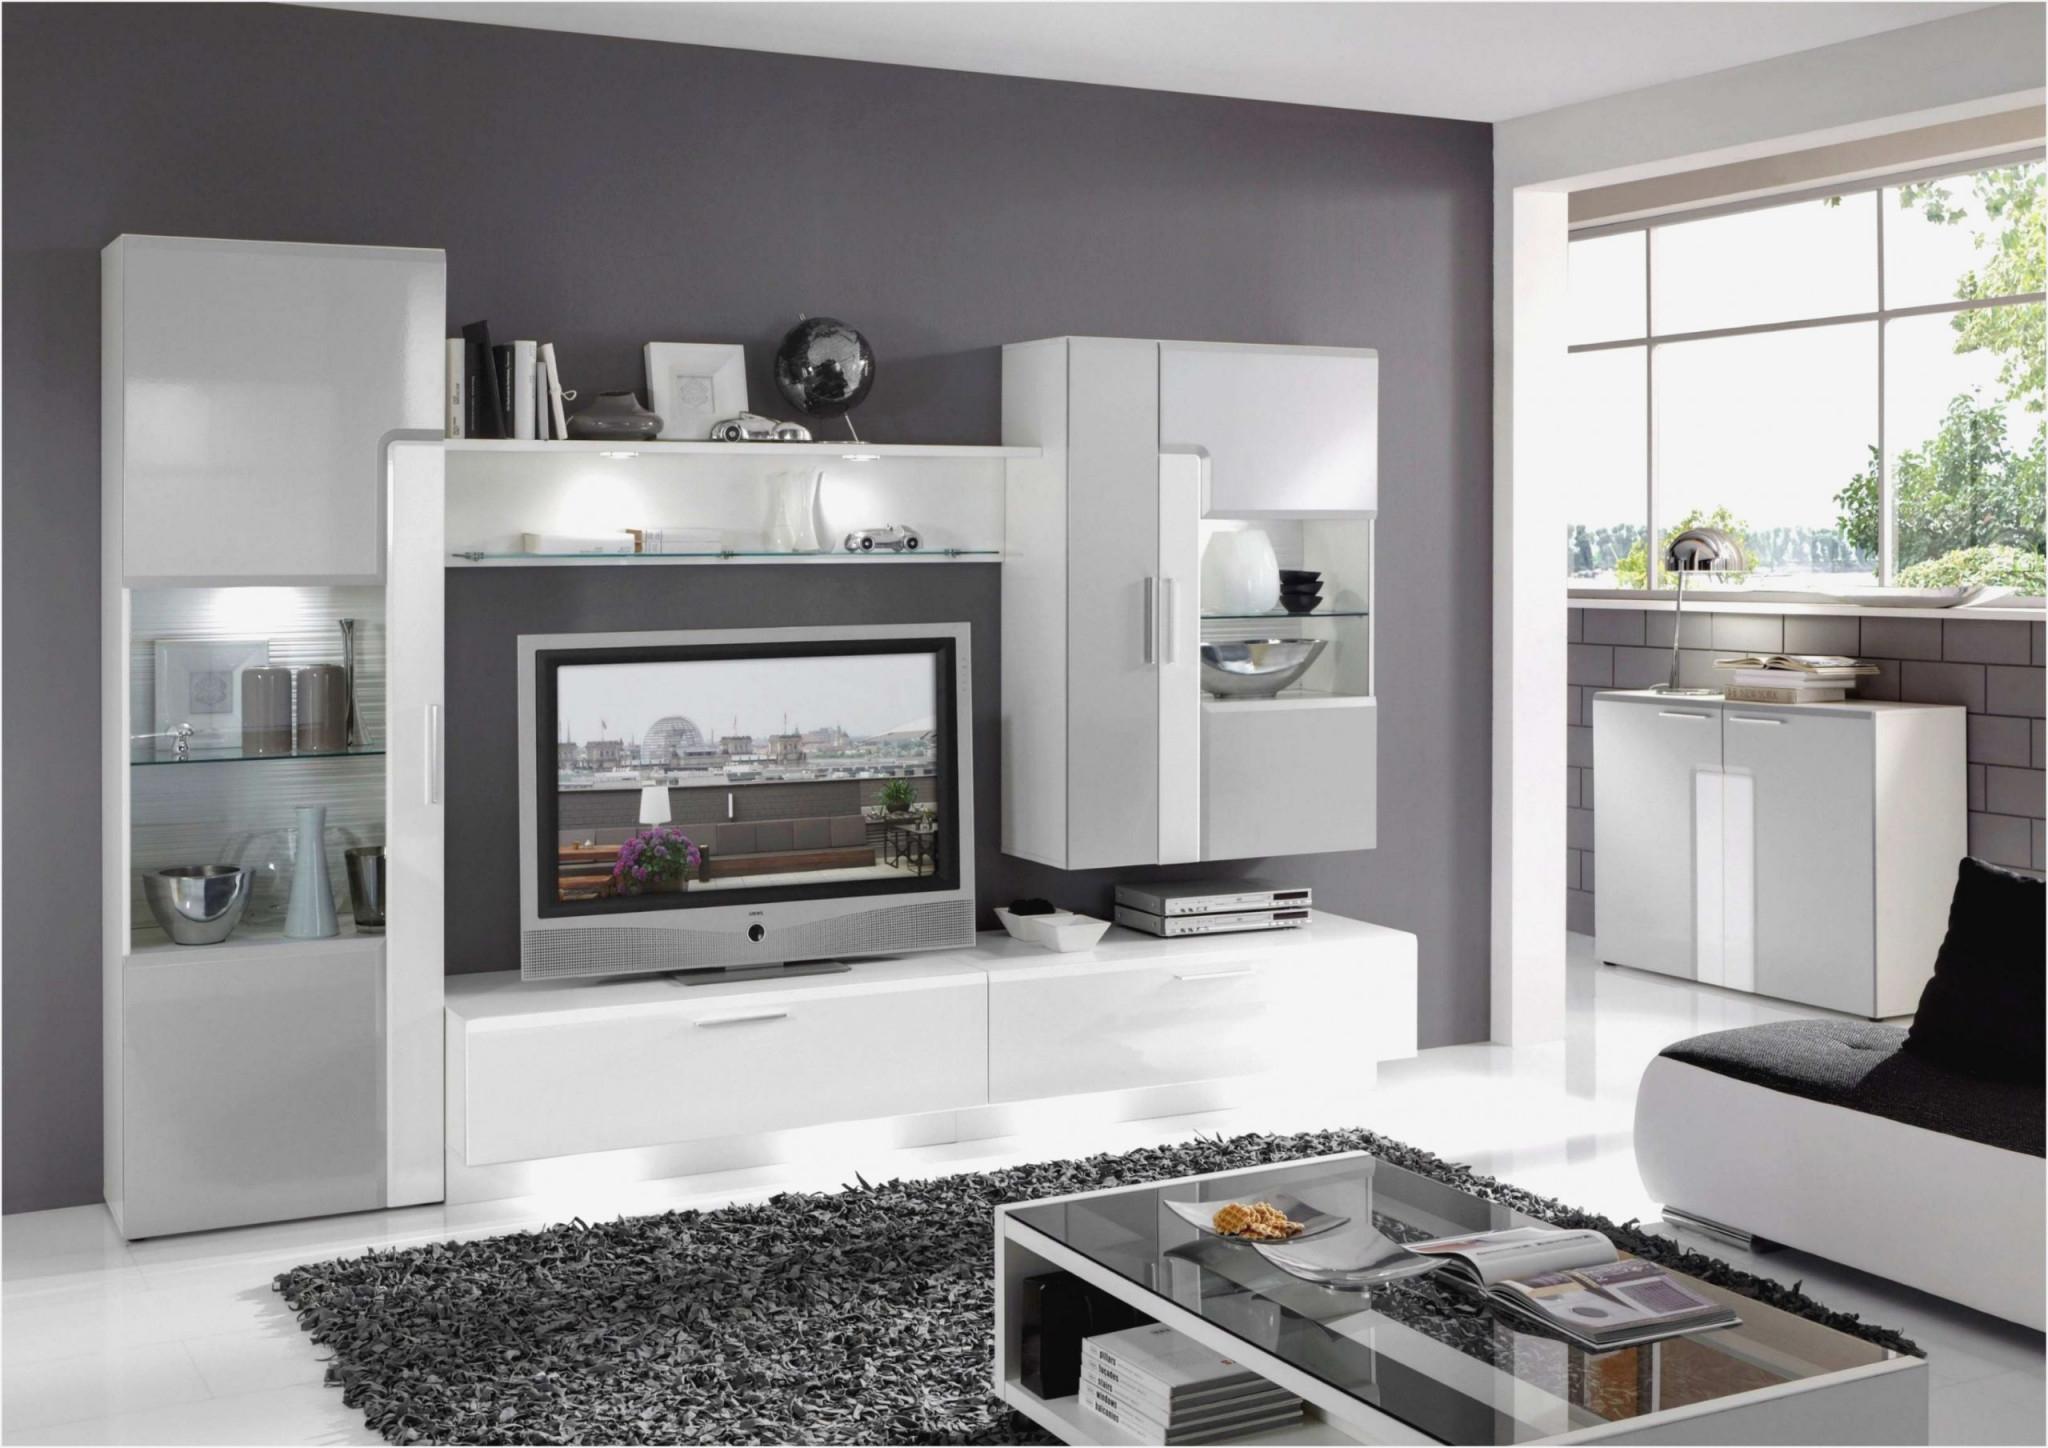 3D Bilder Für Wohnzimmer Einrichten  Wohnzimmer  Traumhaus von Wohnzimmer Einrichten 3D Photo